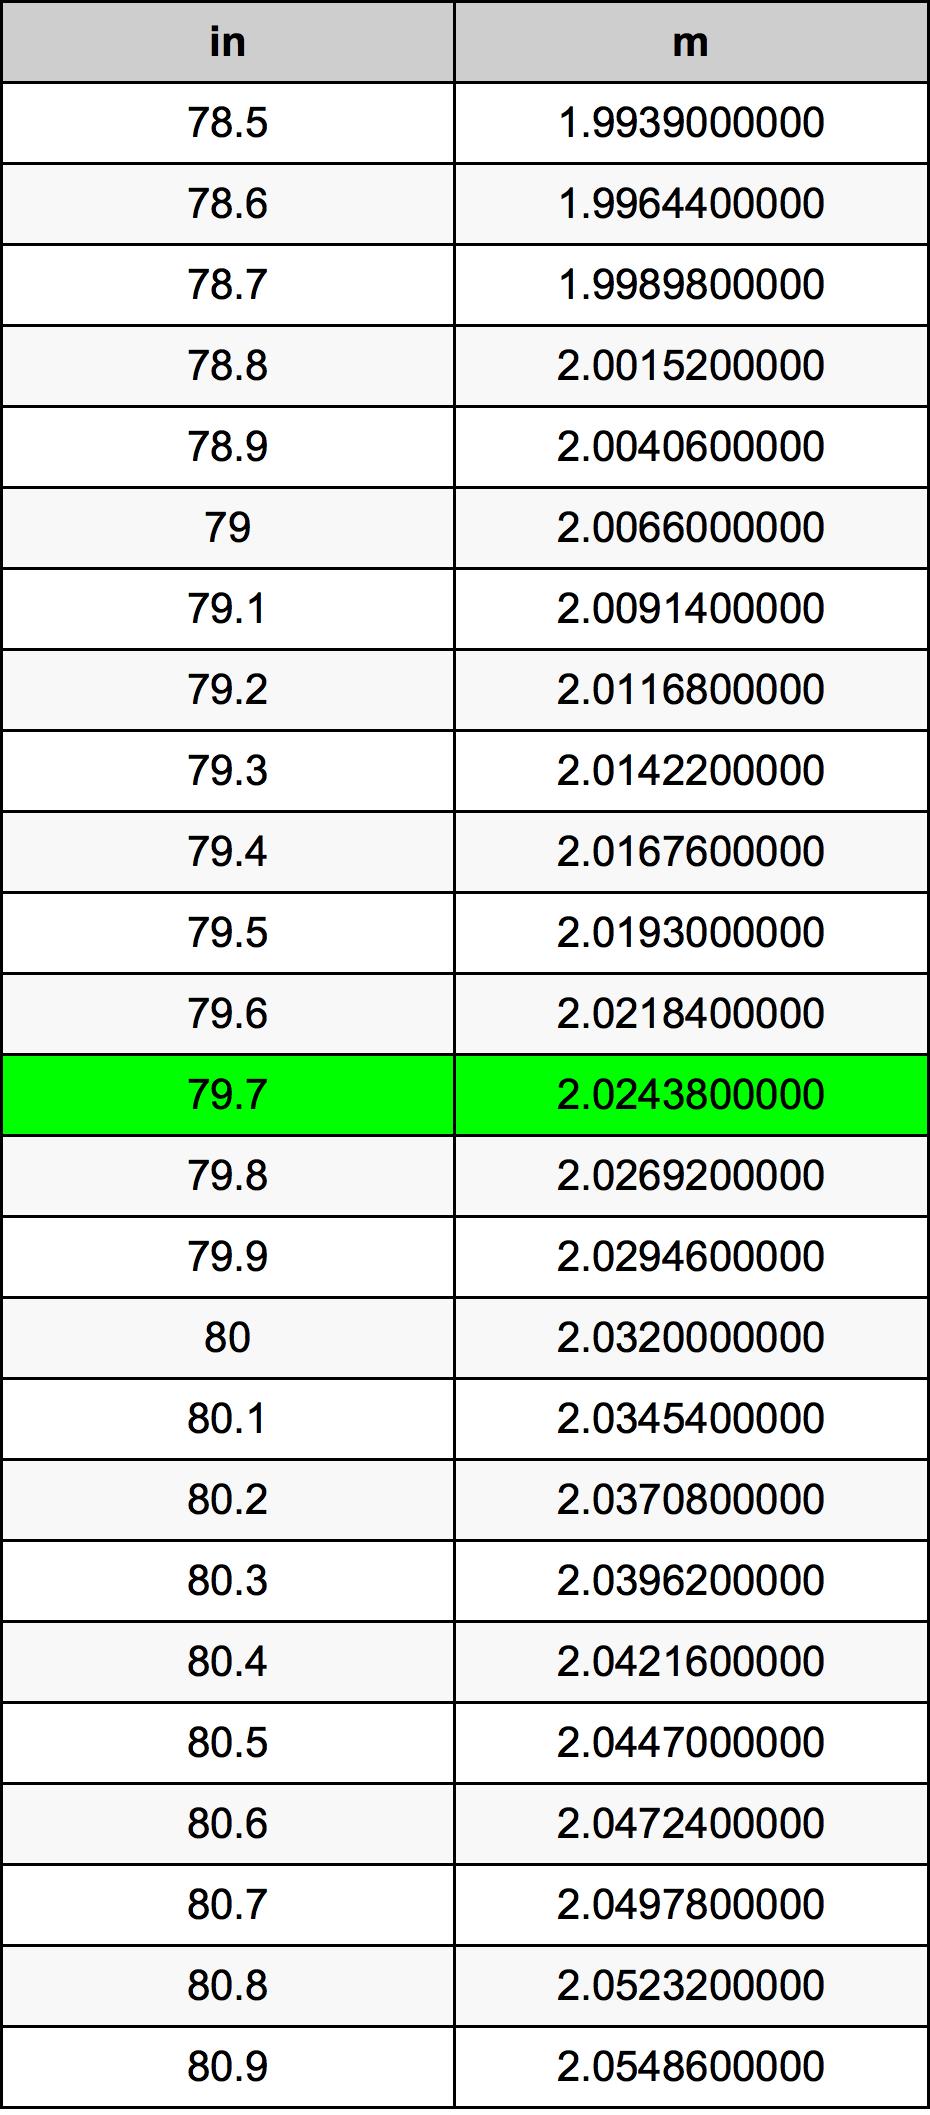 79.7 Polegada tabela de conversão